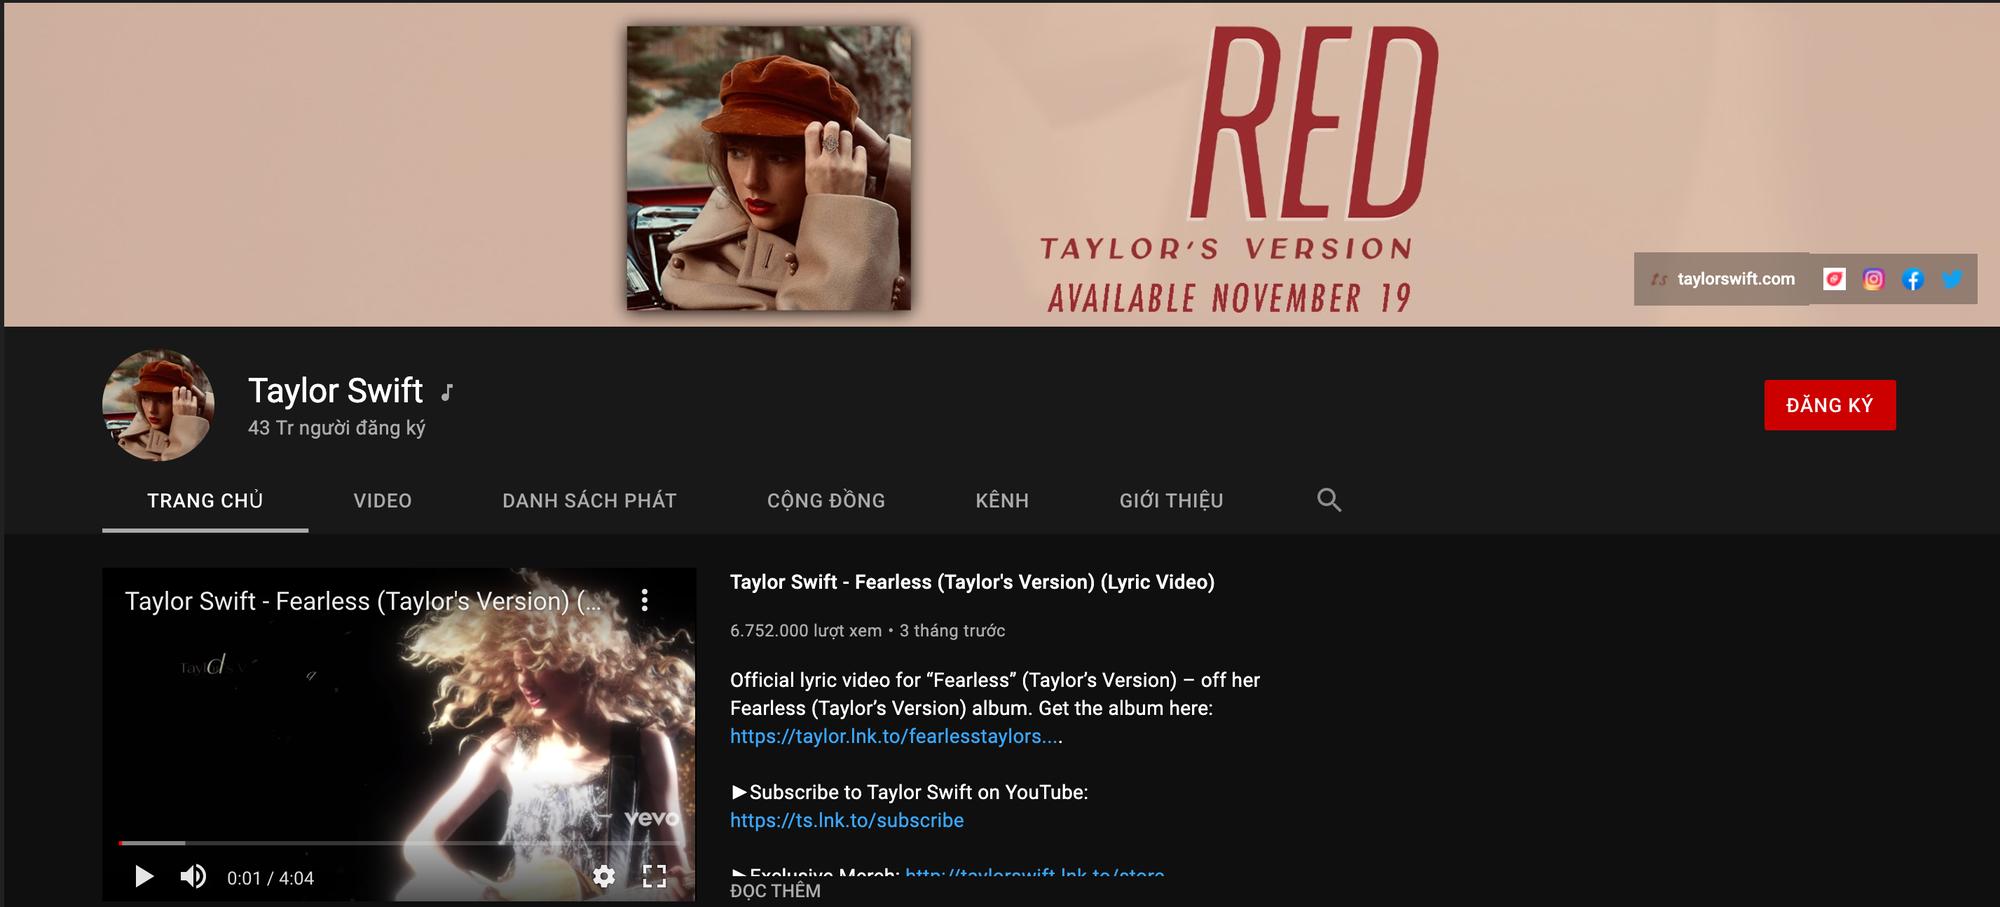 Kênh YouTube của chị đại Taylor Swift đạt 43 triệu subscribers nhưng vẫn phải xếp sau Ariana Grande và một nhóm nhạc Hàn? - Ảnh 3.